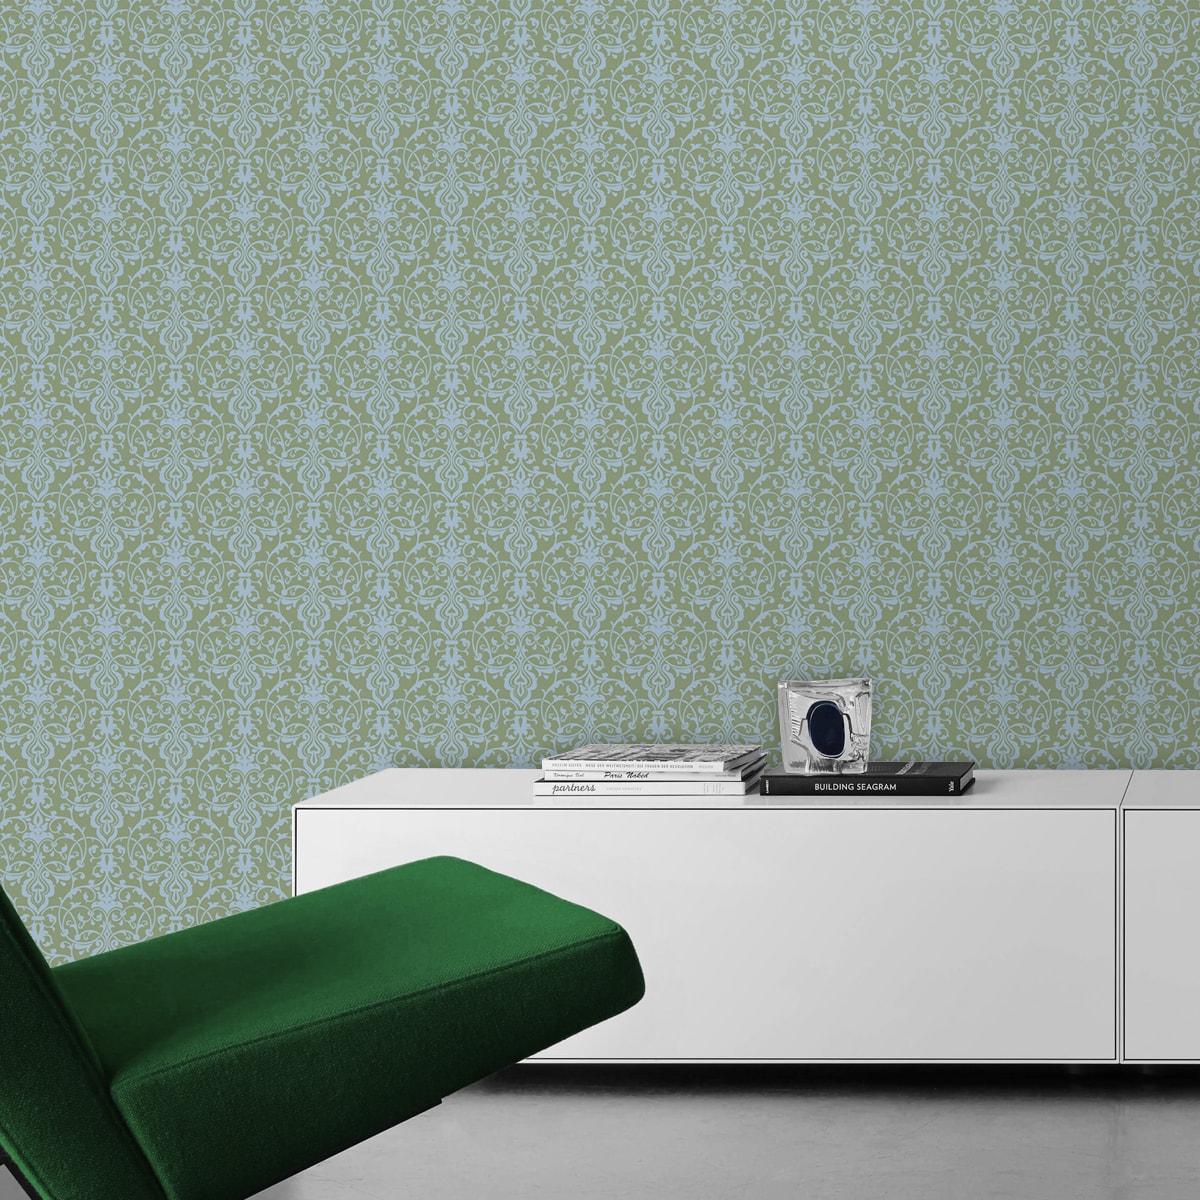 Schöne, üppige Tapete mit klassischem Damast Muster in hellblau grün angepasst an Farrow and Ball Wandfarben- Vliestapete Ornamente  2